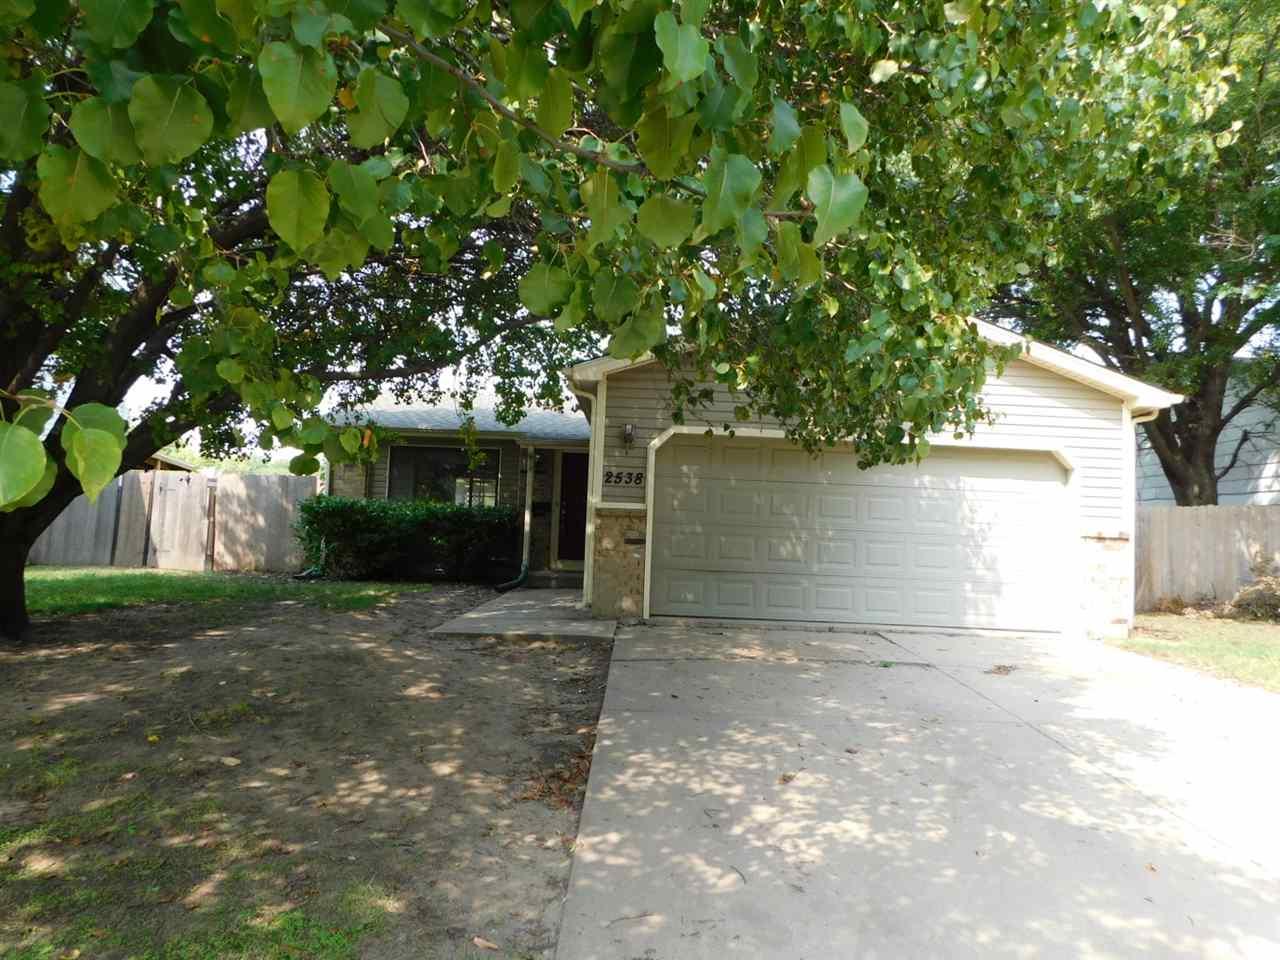 3 bedroom, 2 bath, 2 car garage with fenced yard.